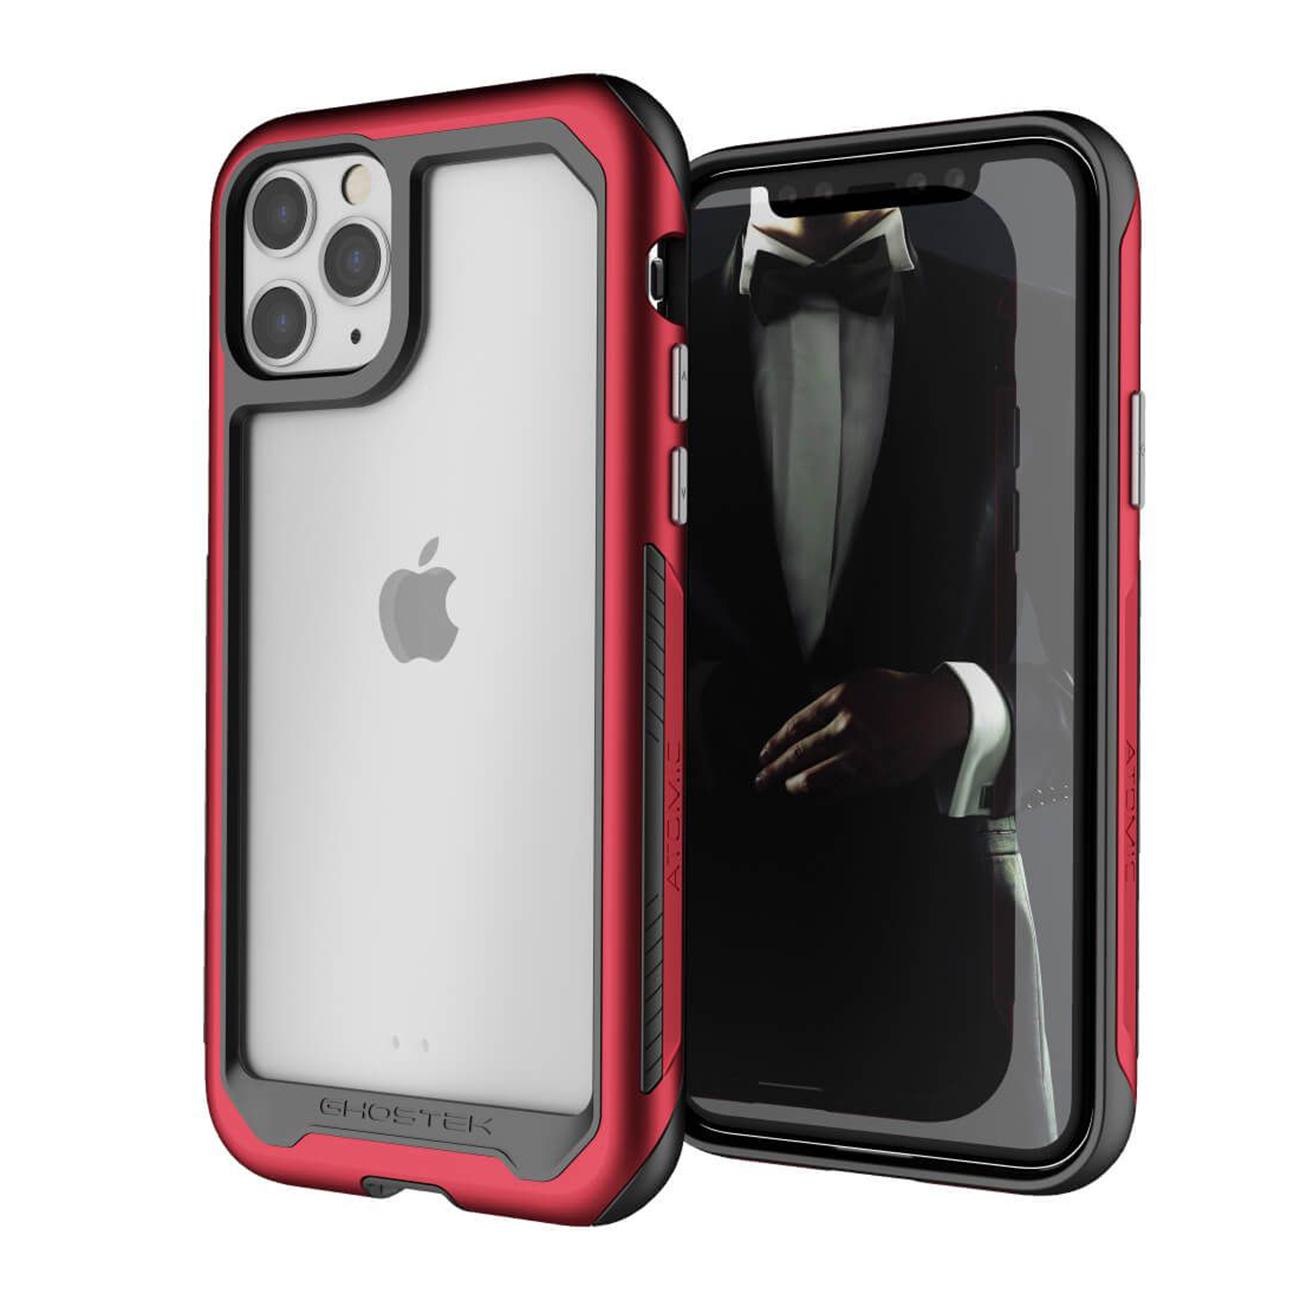 Atomic Slim Red Aluminum Case for Apple iPhone 11 Pro